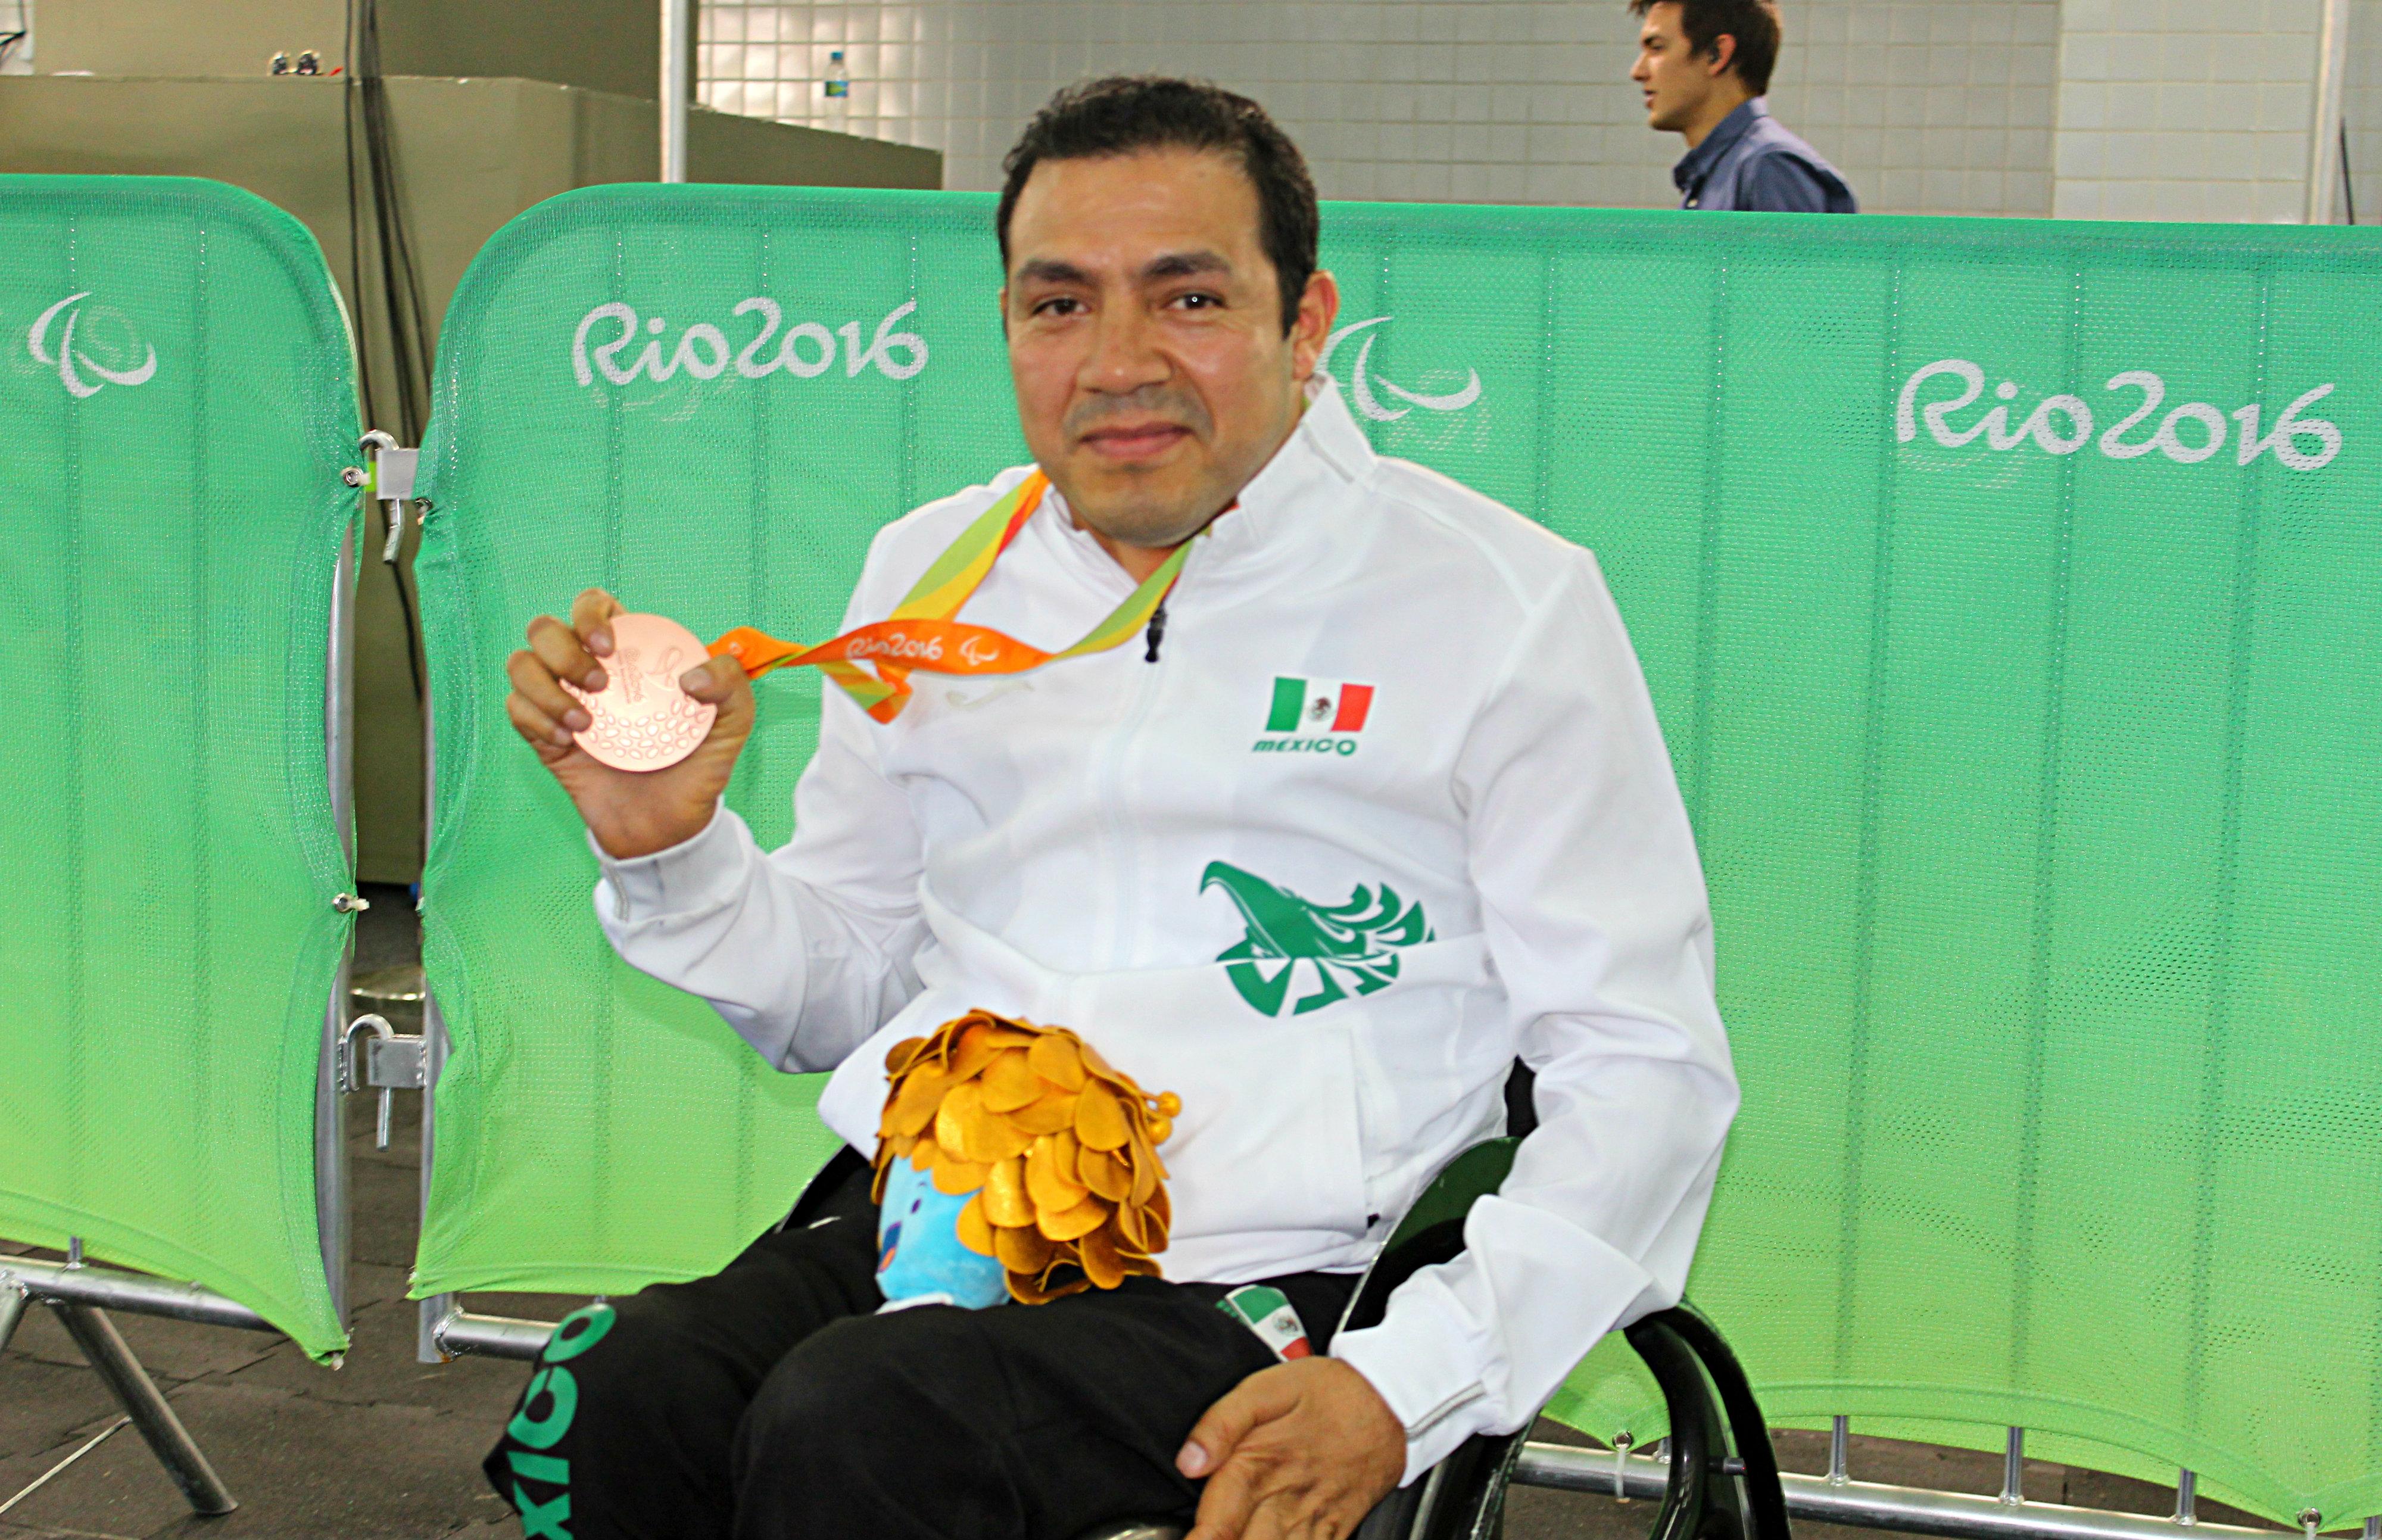 El mexicano Edgar Navarro ganó su segunda medalla en los Juegos Olímpicos de Río.